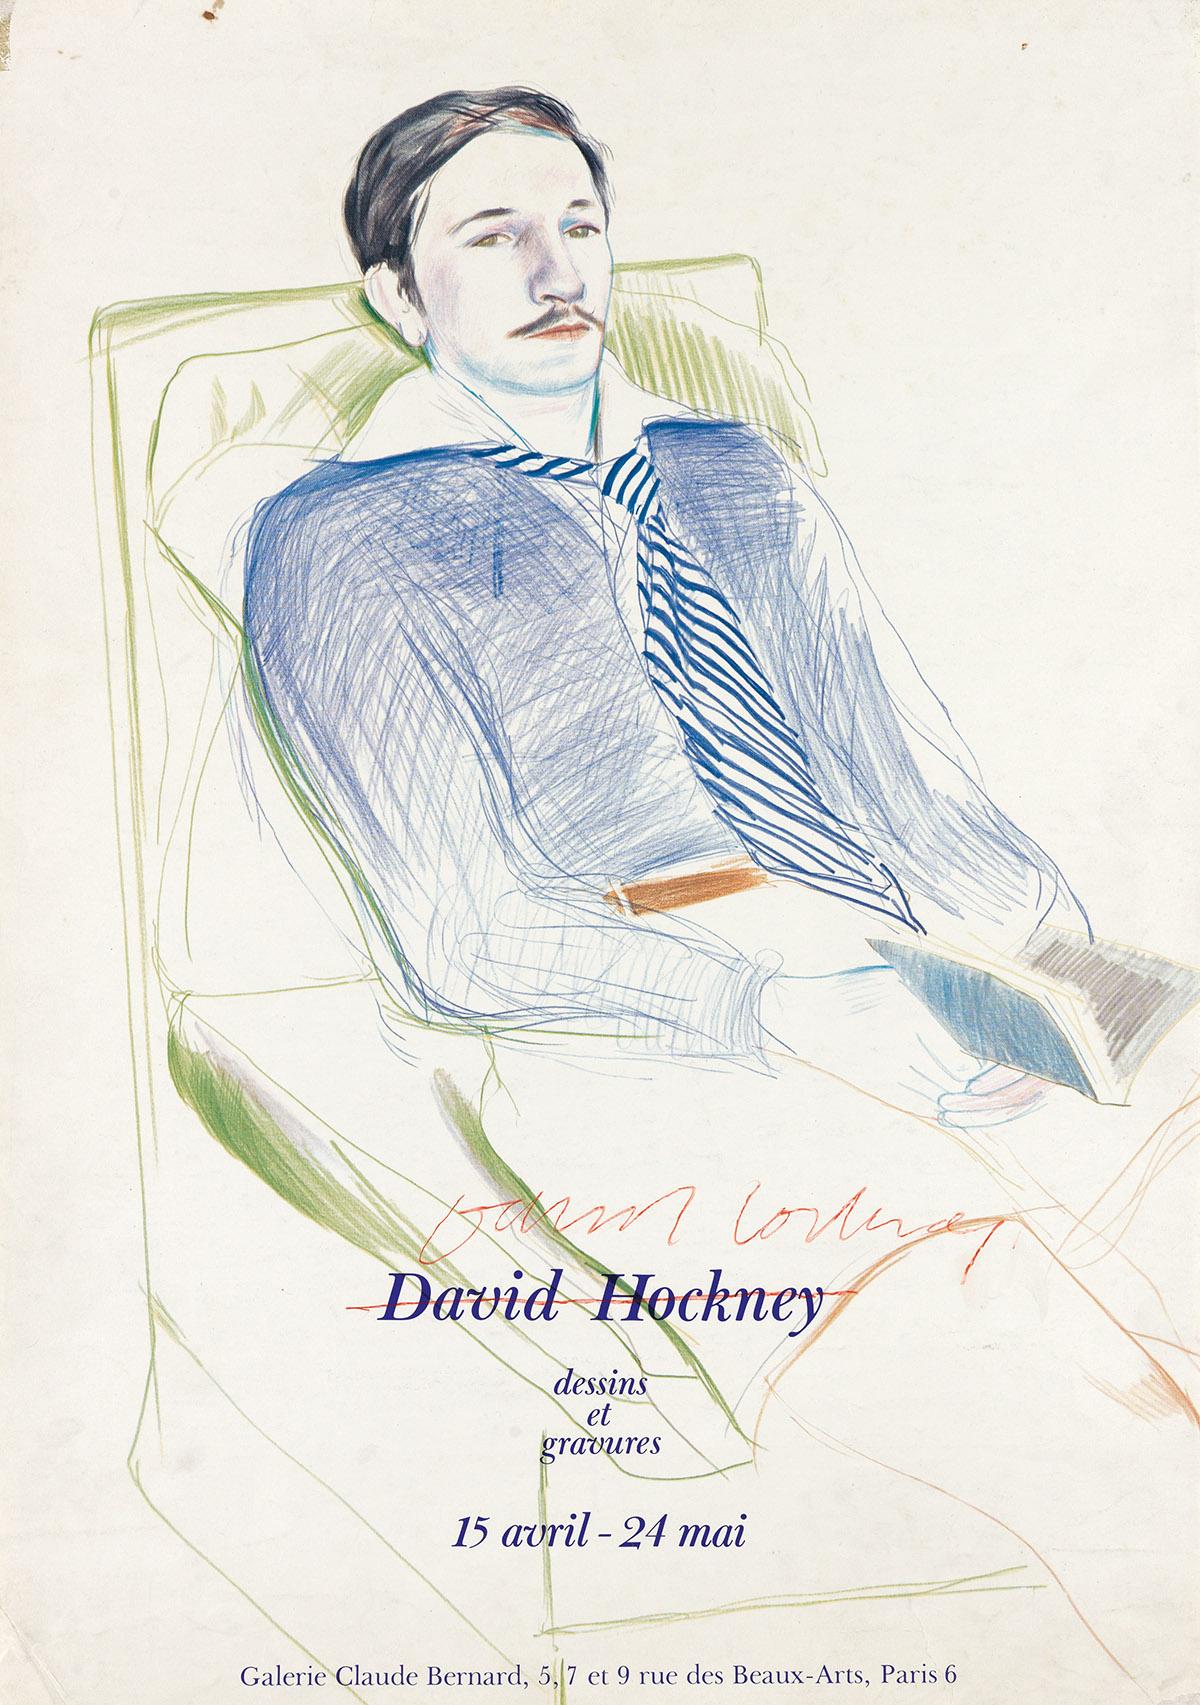 DAVID-HOCKNEY-David-Hockney-Dessins-et-Gravures-for-Galerie-